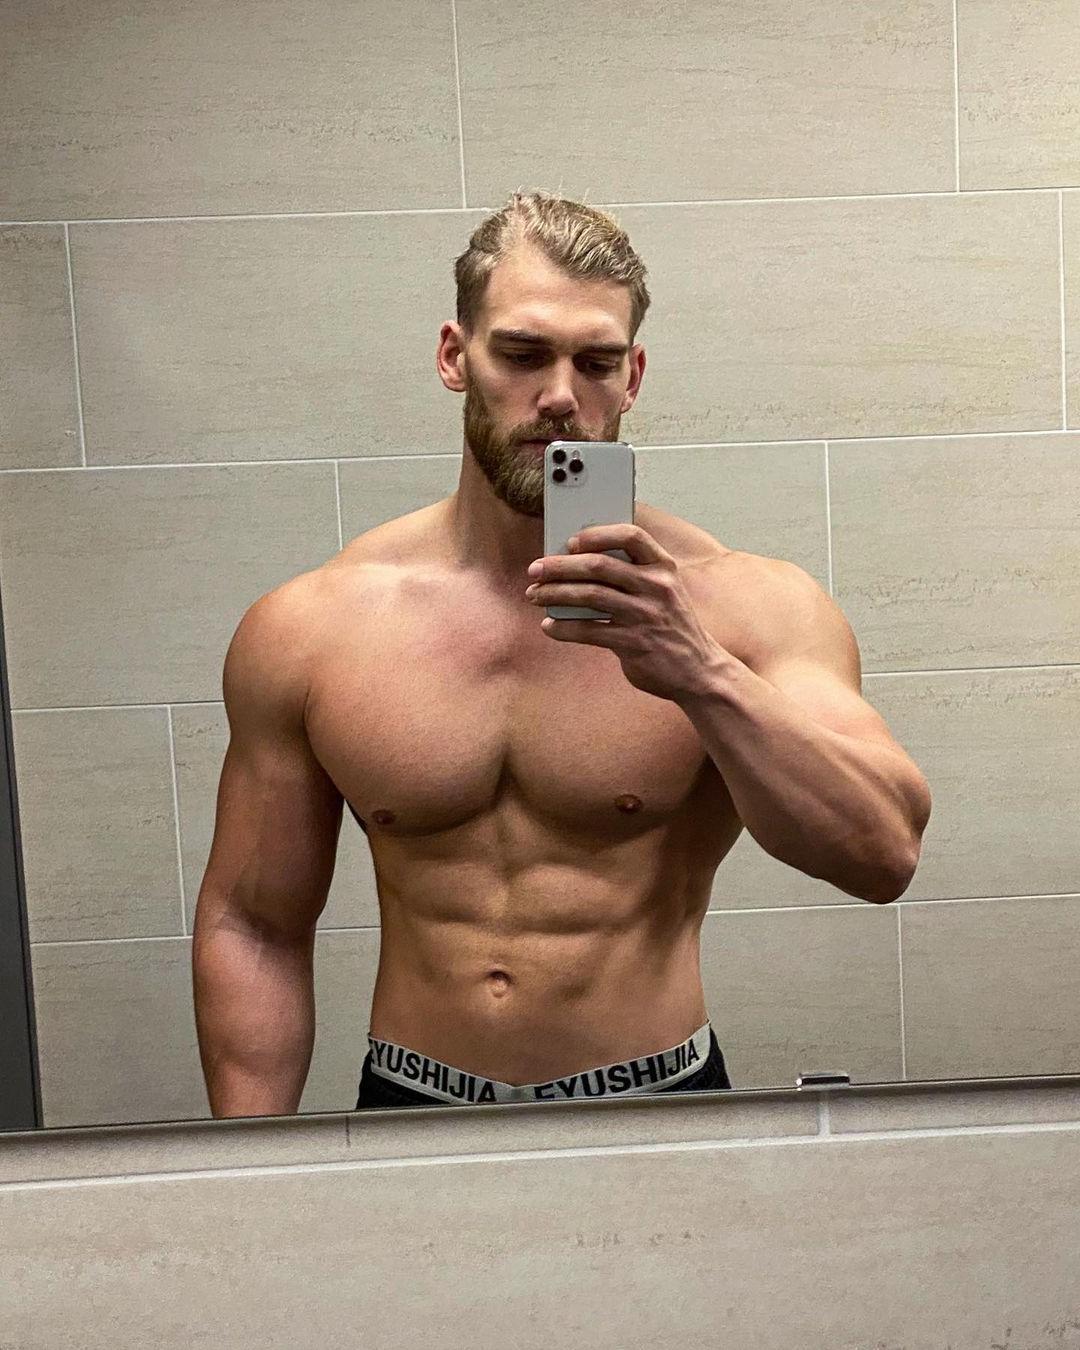 hot-russian-blond-men-fit-muscular-shirtless-bearded-hunk-selfie